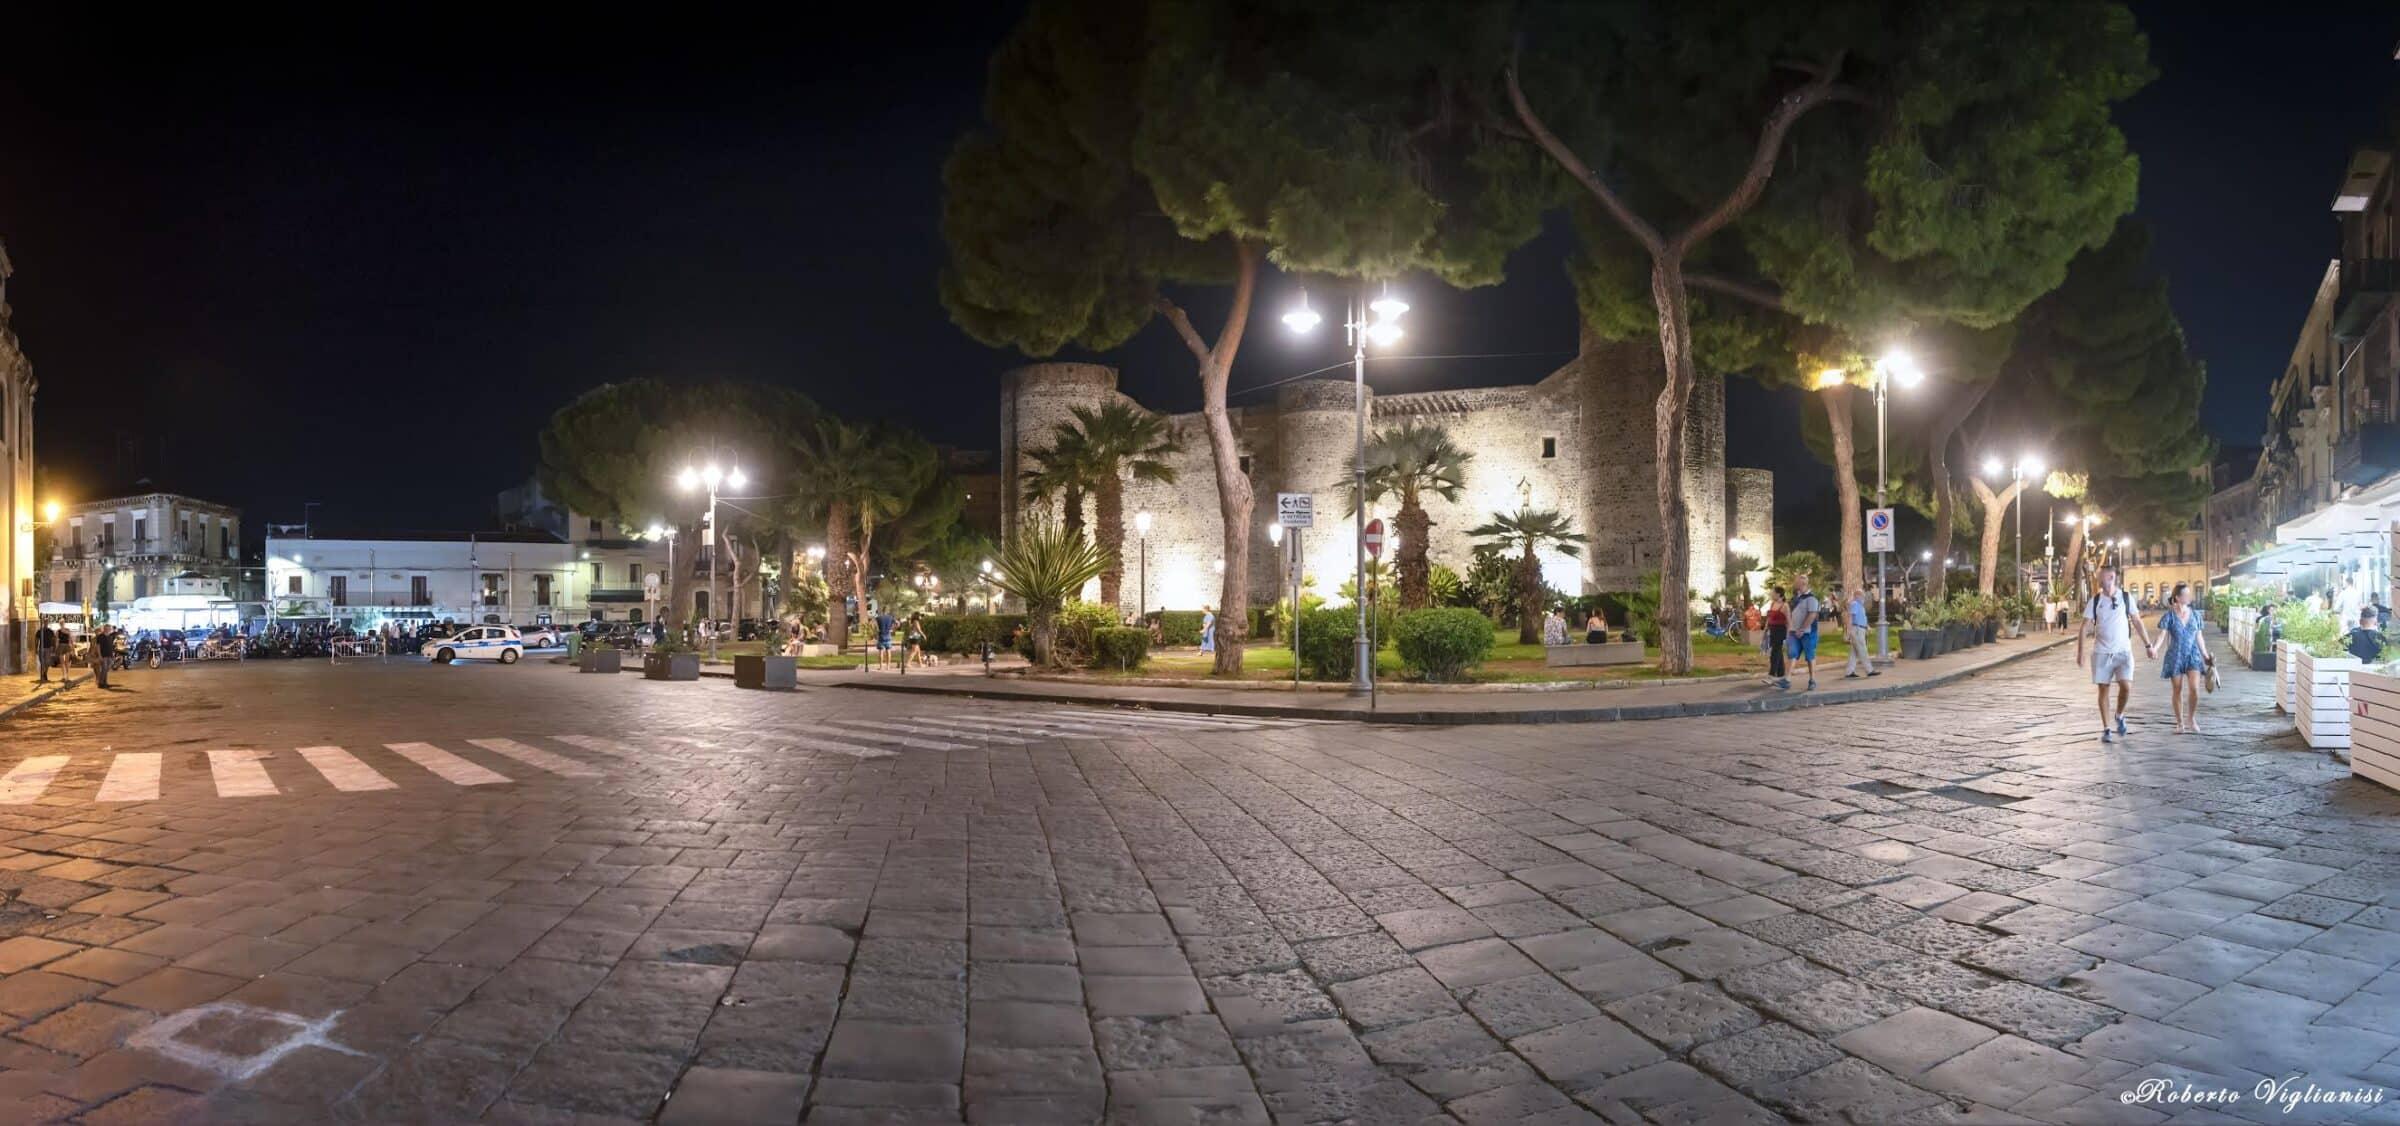 Catania, senza intoppi la prima notte pedonale di piazza Federico di Svevia. Sarà attivata una navetta Amts